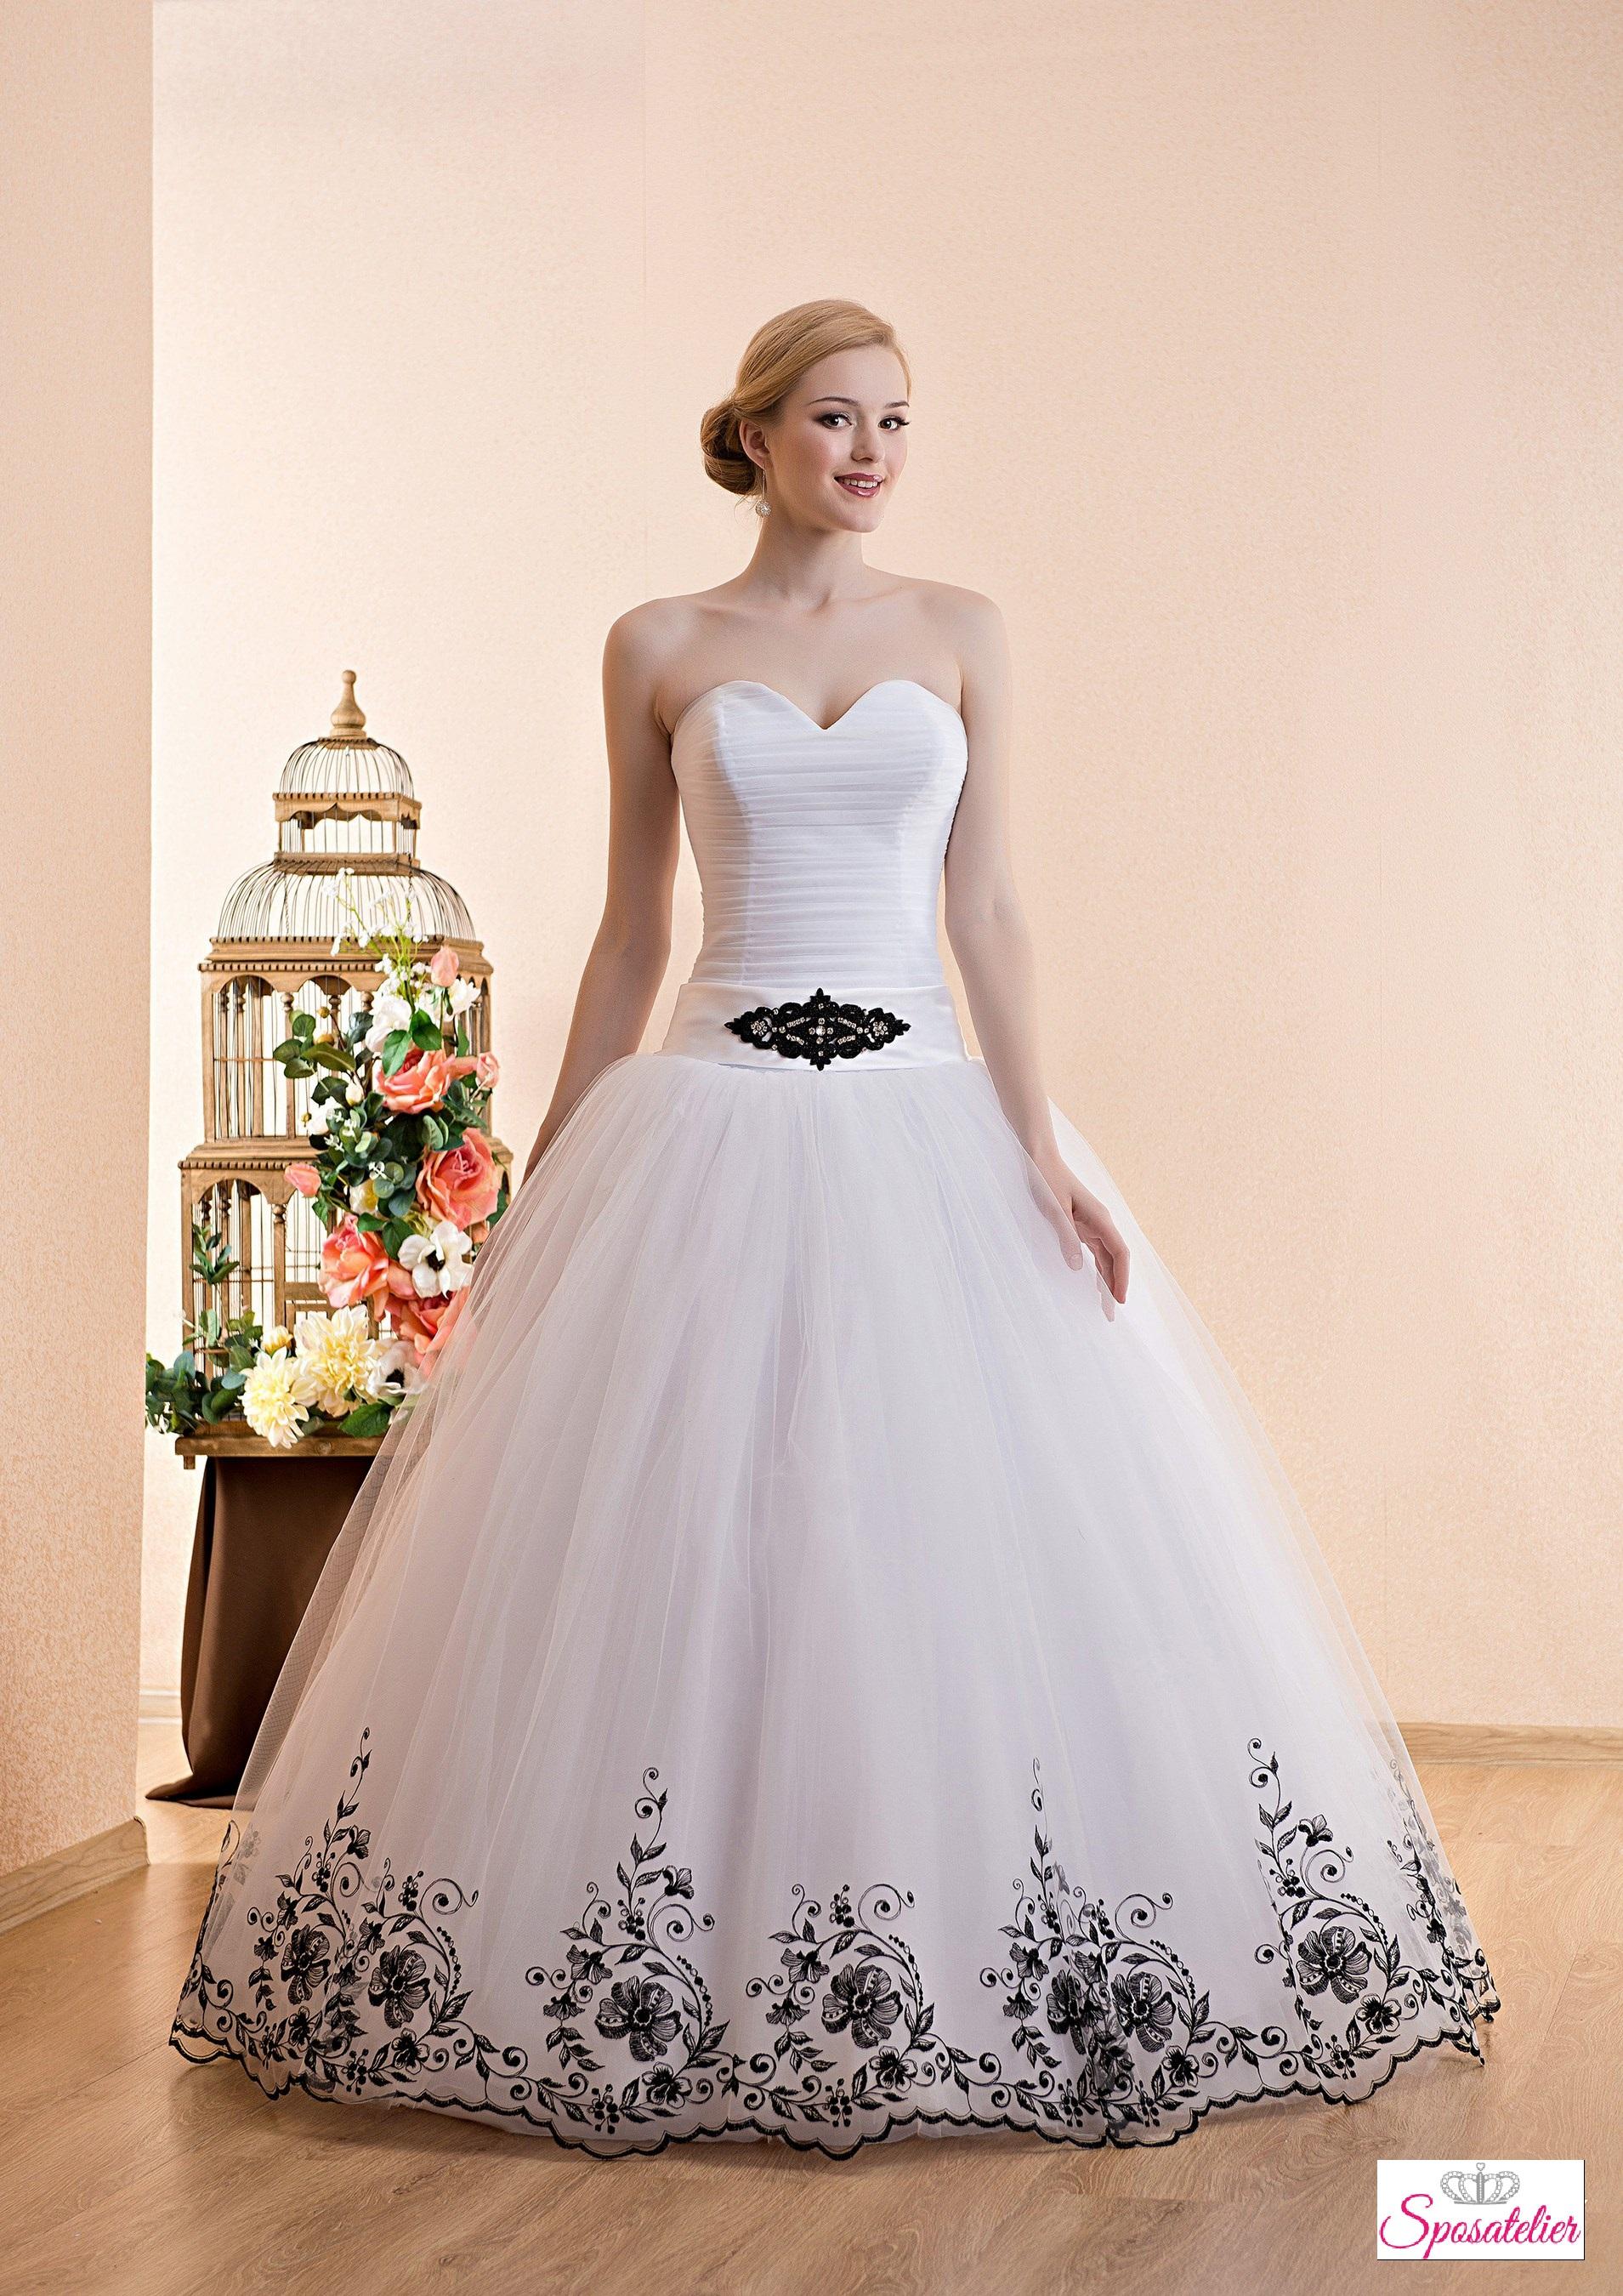 6328d291f776 abiti da sposa bianchi e neri economici online coloratiSposatelier